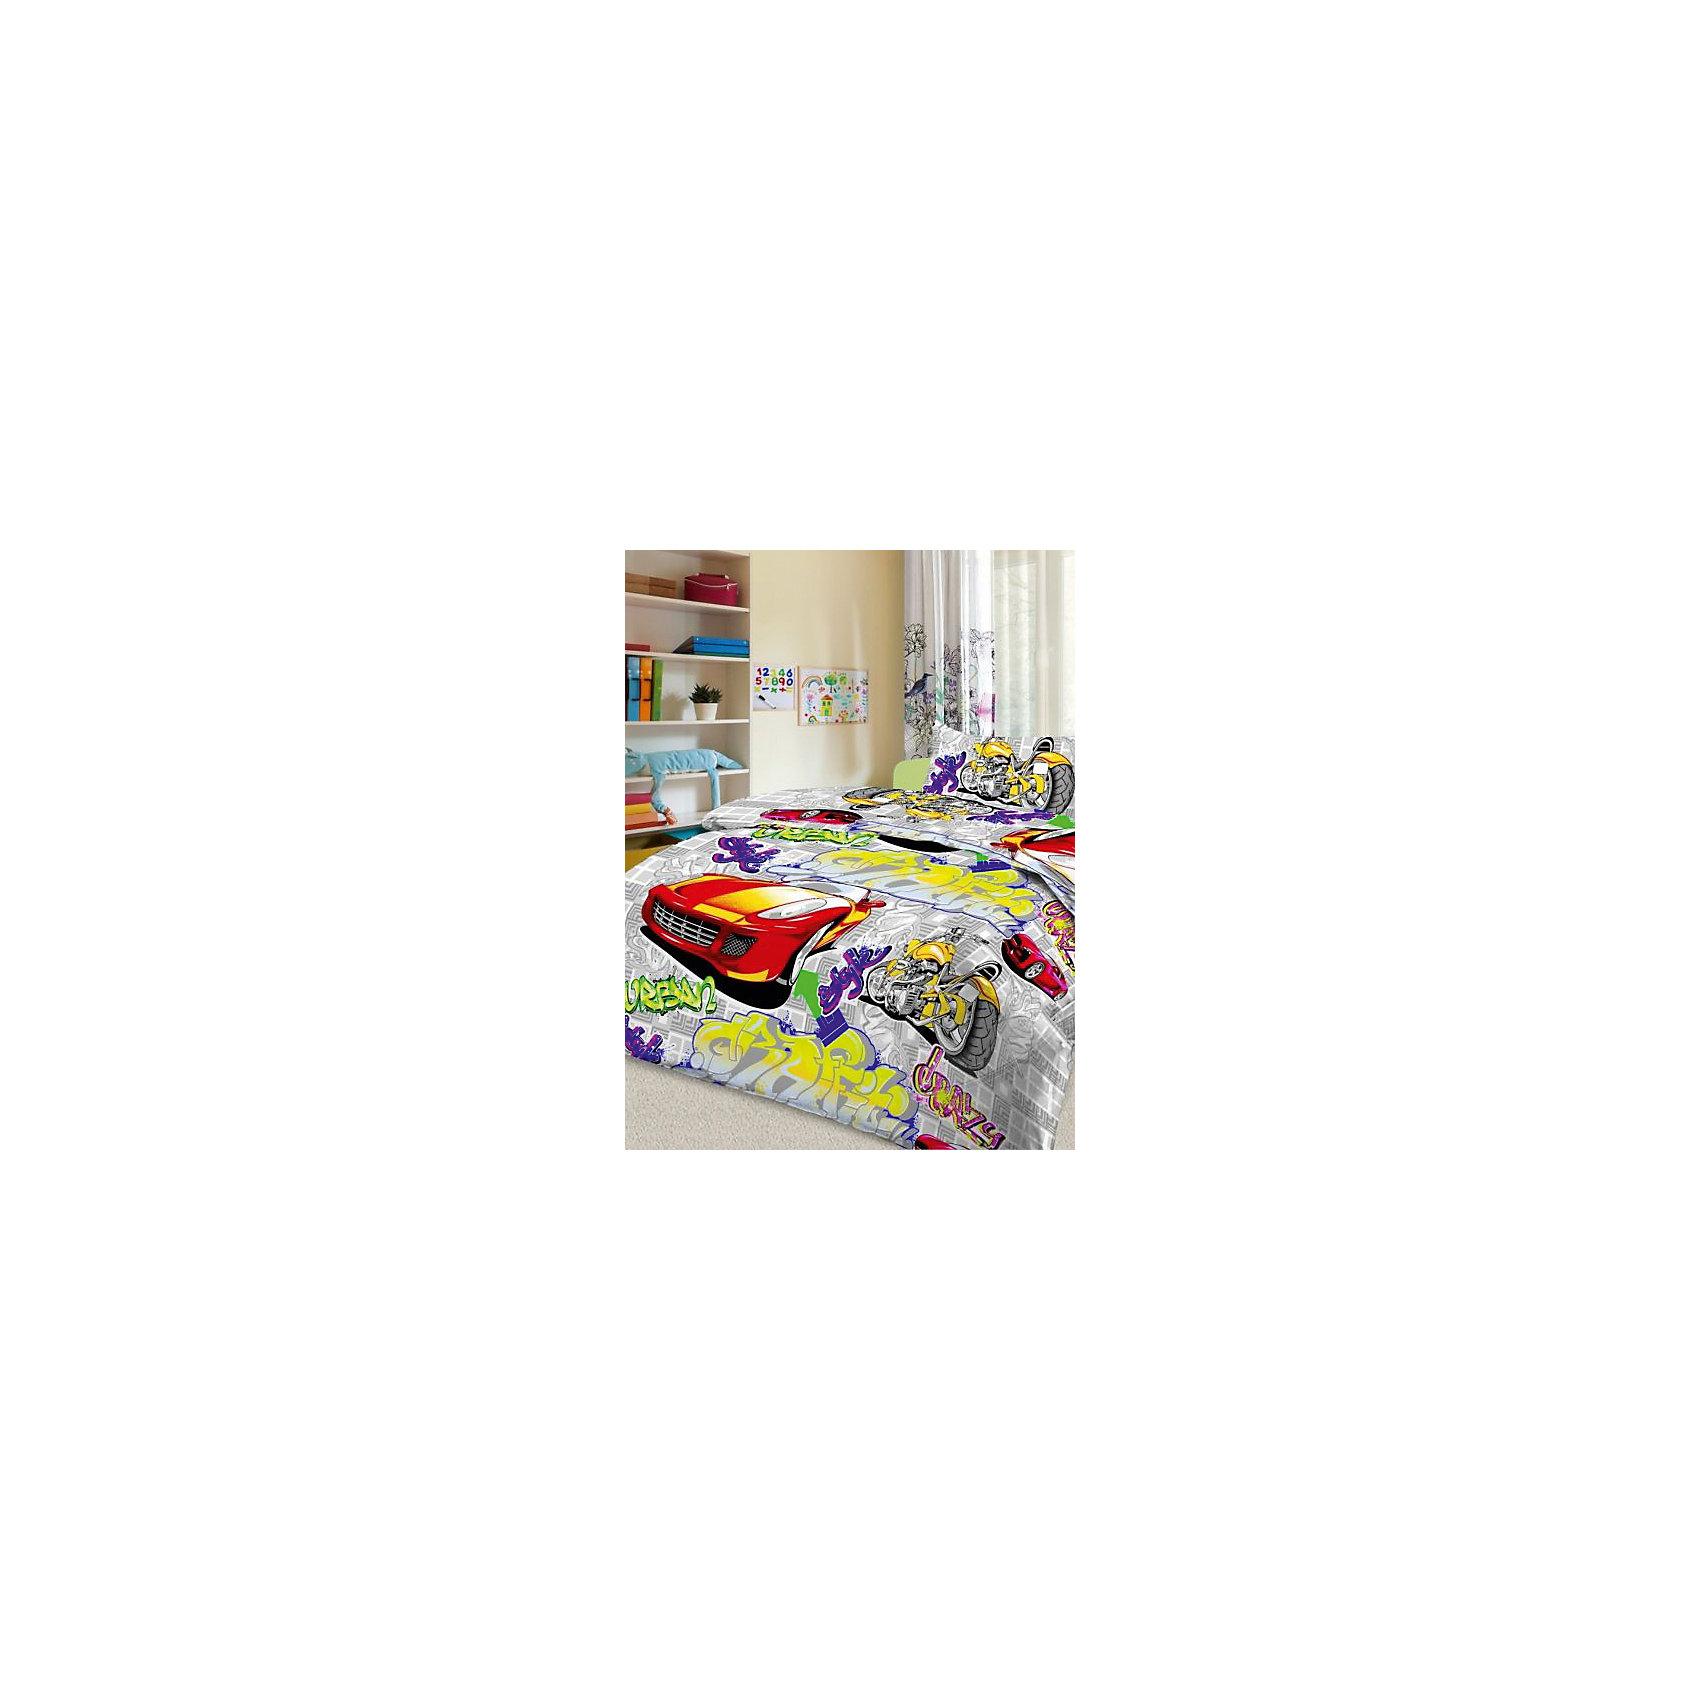 цены Letto Постельное белье Граффити (нав.50*70), Letto, серый